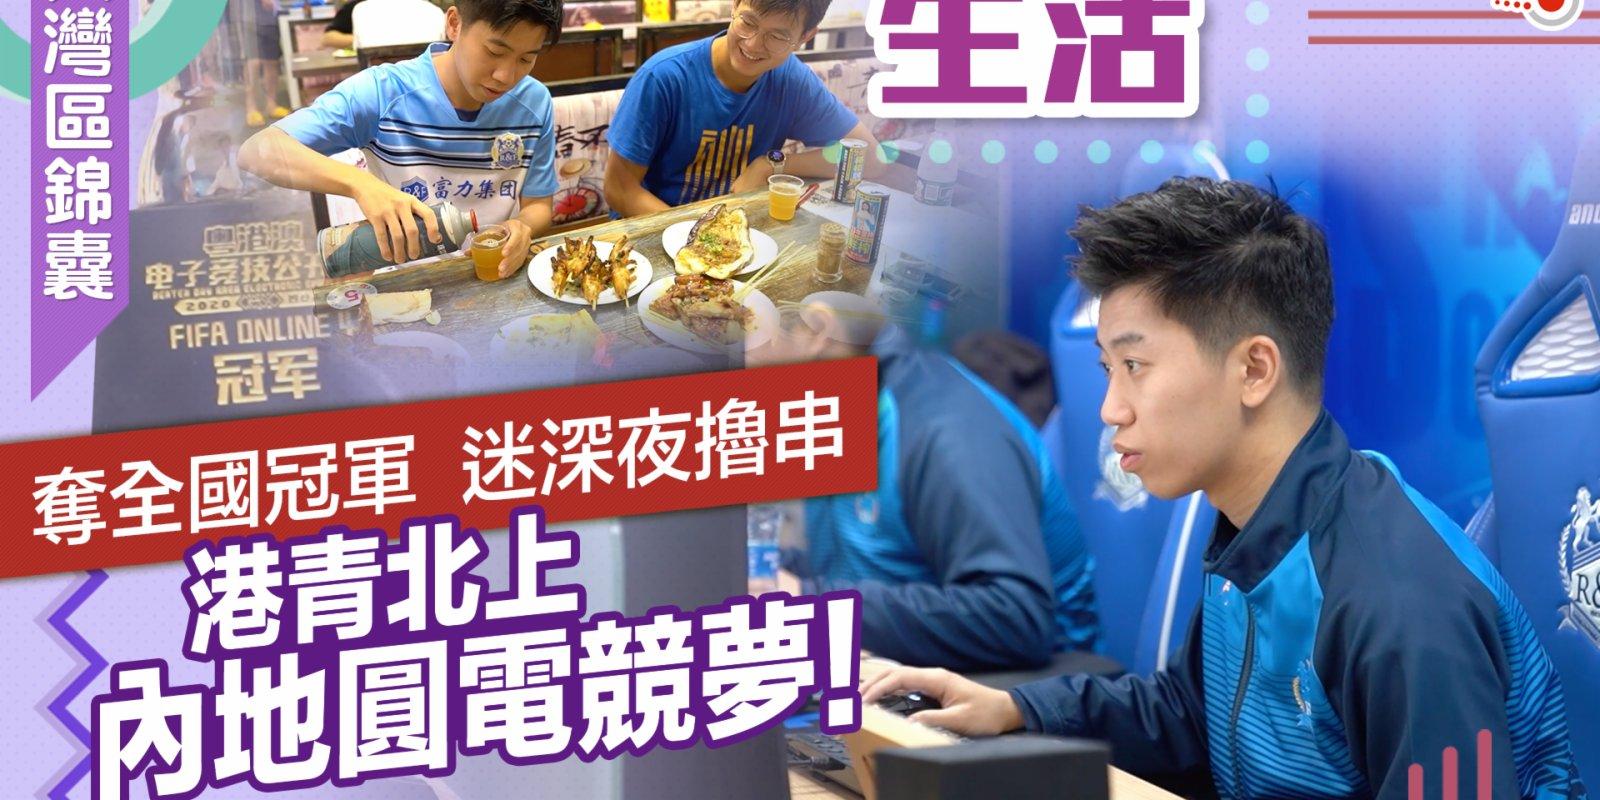 大灣區錦囊·生活|奪全國冠軍  迷深夜擼串  港青北上內地圓電競夢!